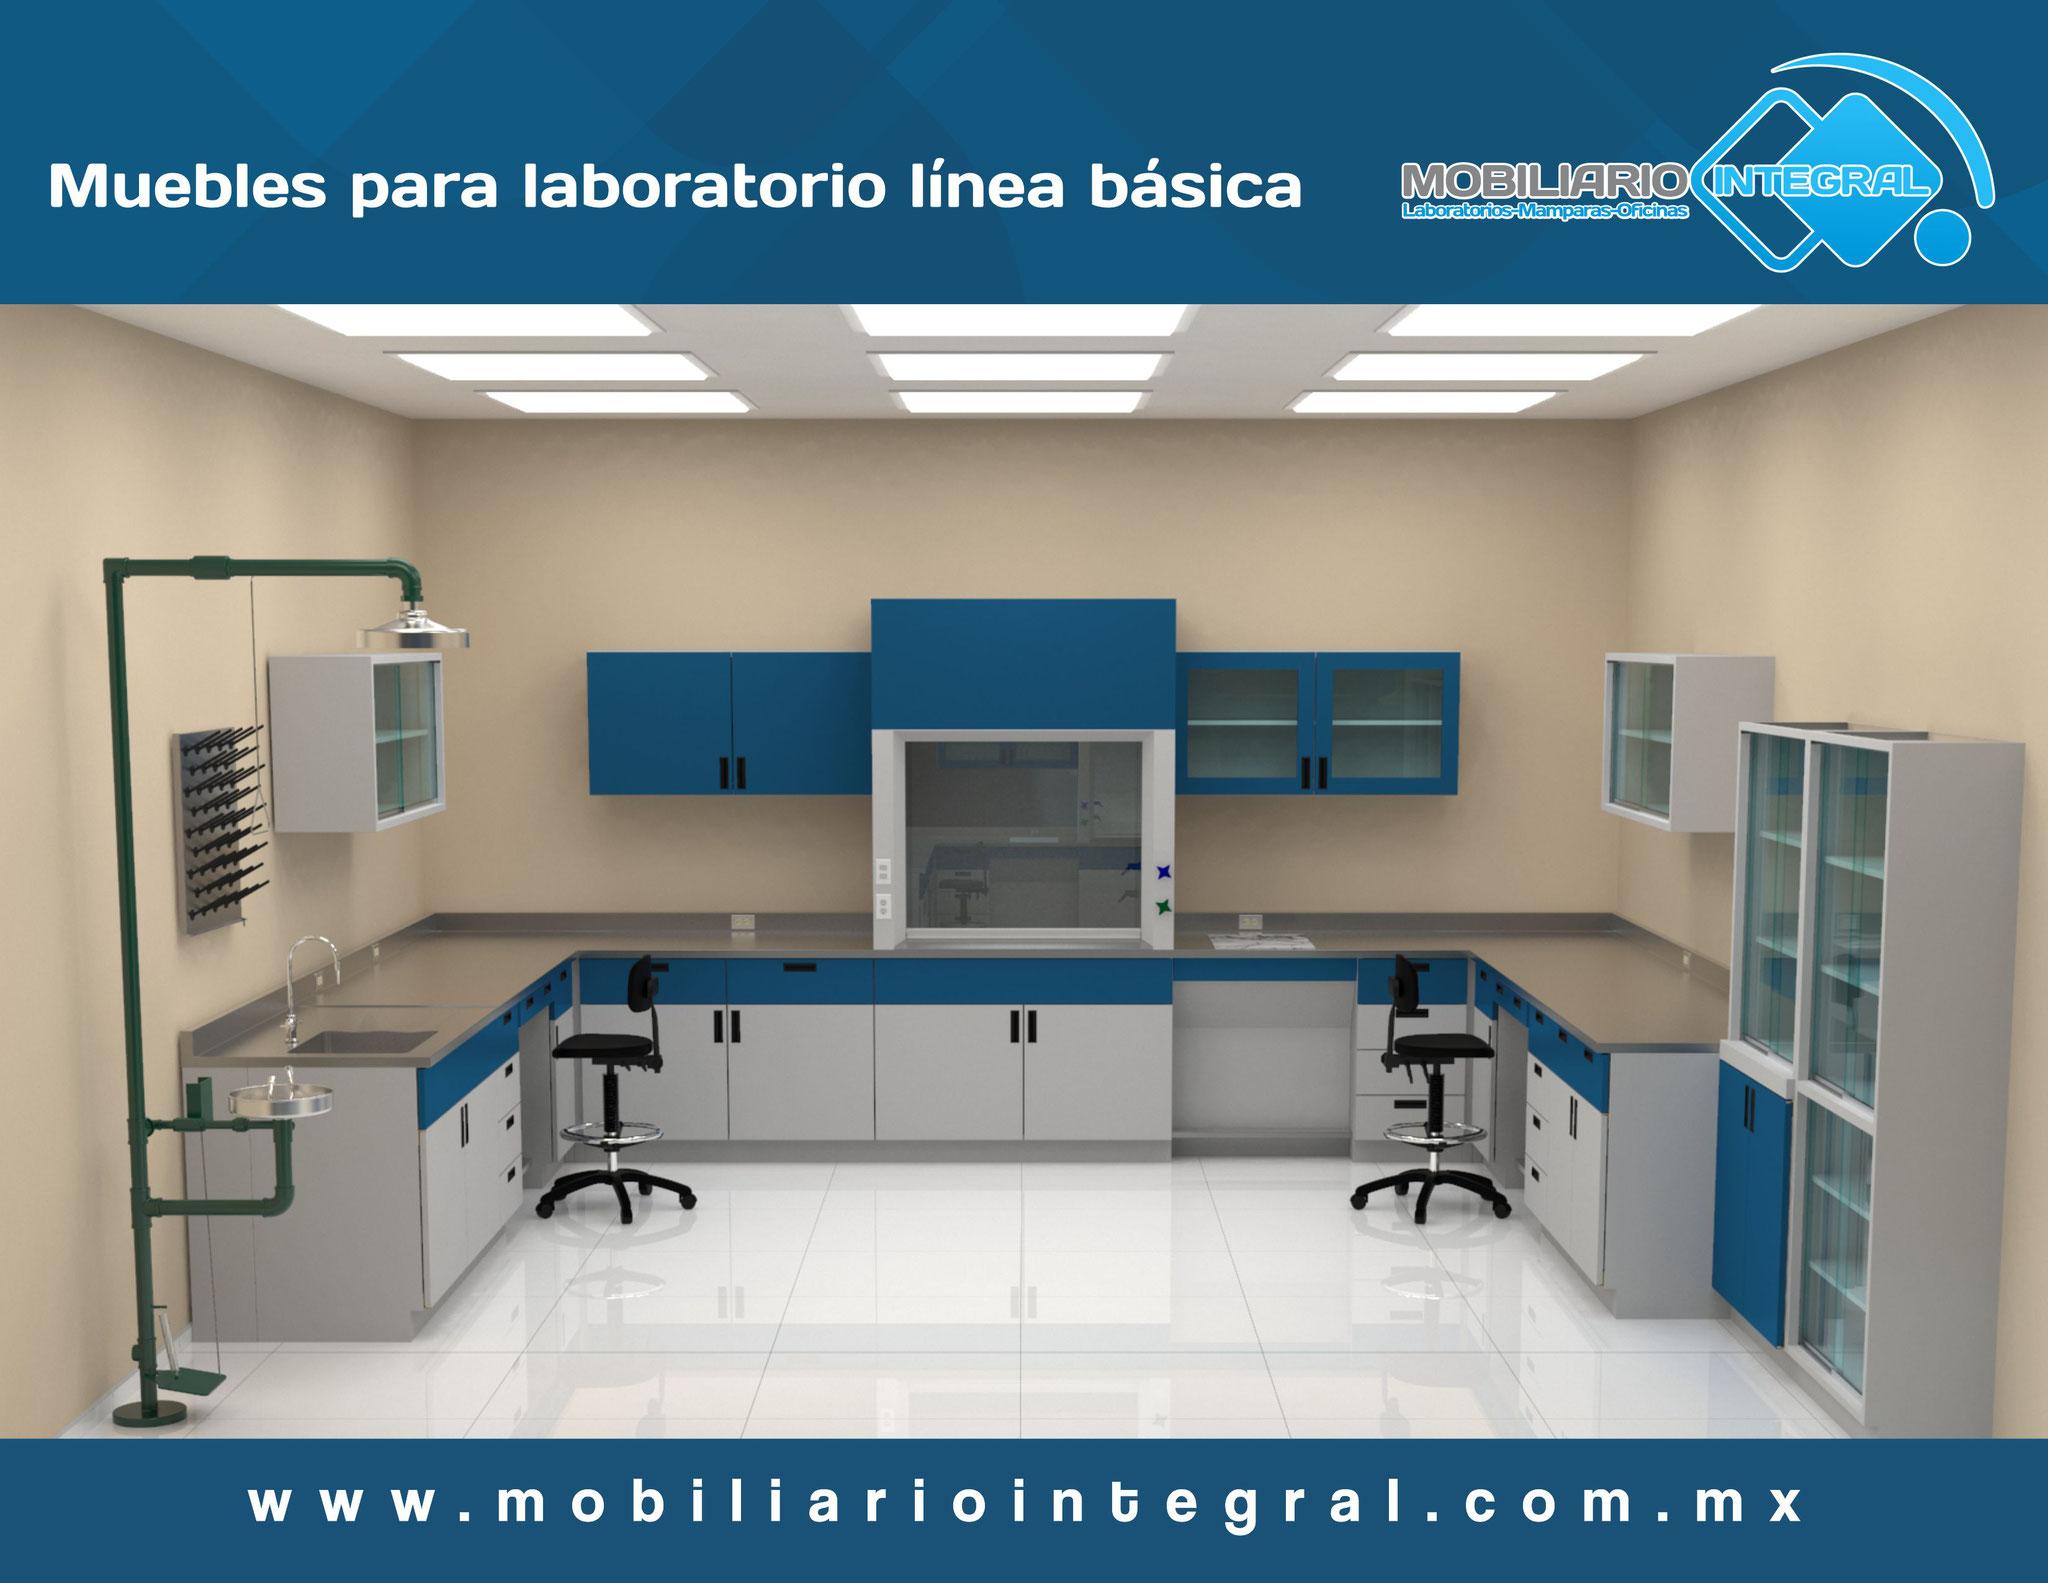 Muebles para laboratorio en Xalapa